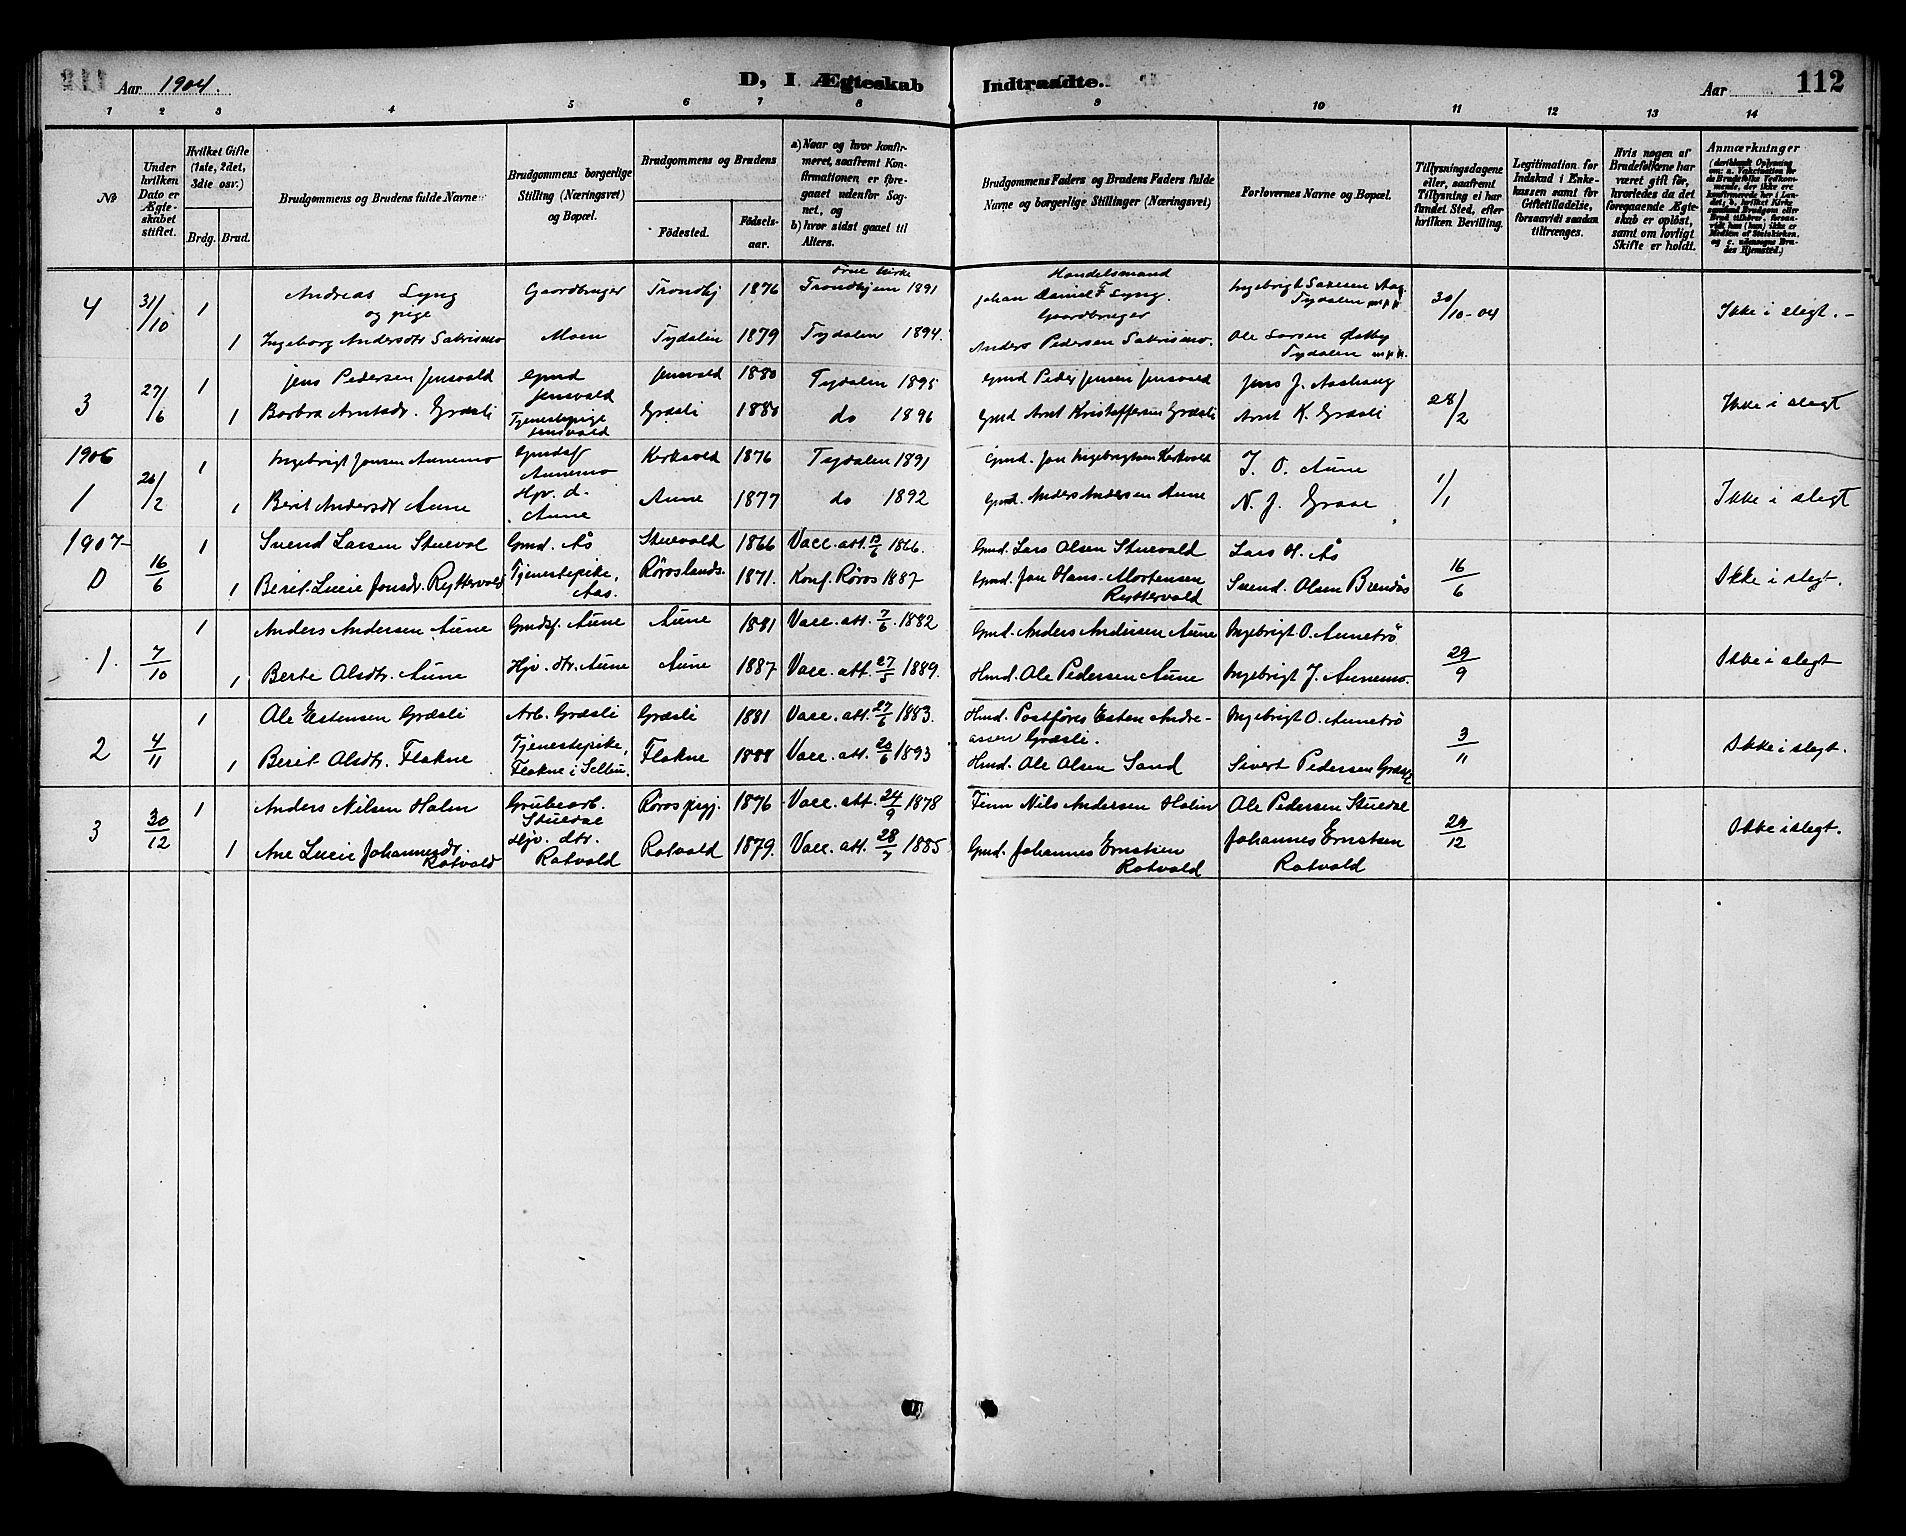 SAT, Ministerialprotokoller, klokkerbøker og fødselsregistre - Sør-Trøndelag, 698/L1167: Klokkerbok nr. 698C04, 1888-1907, s. 112